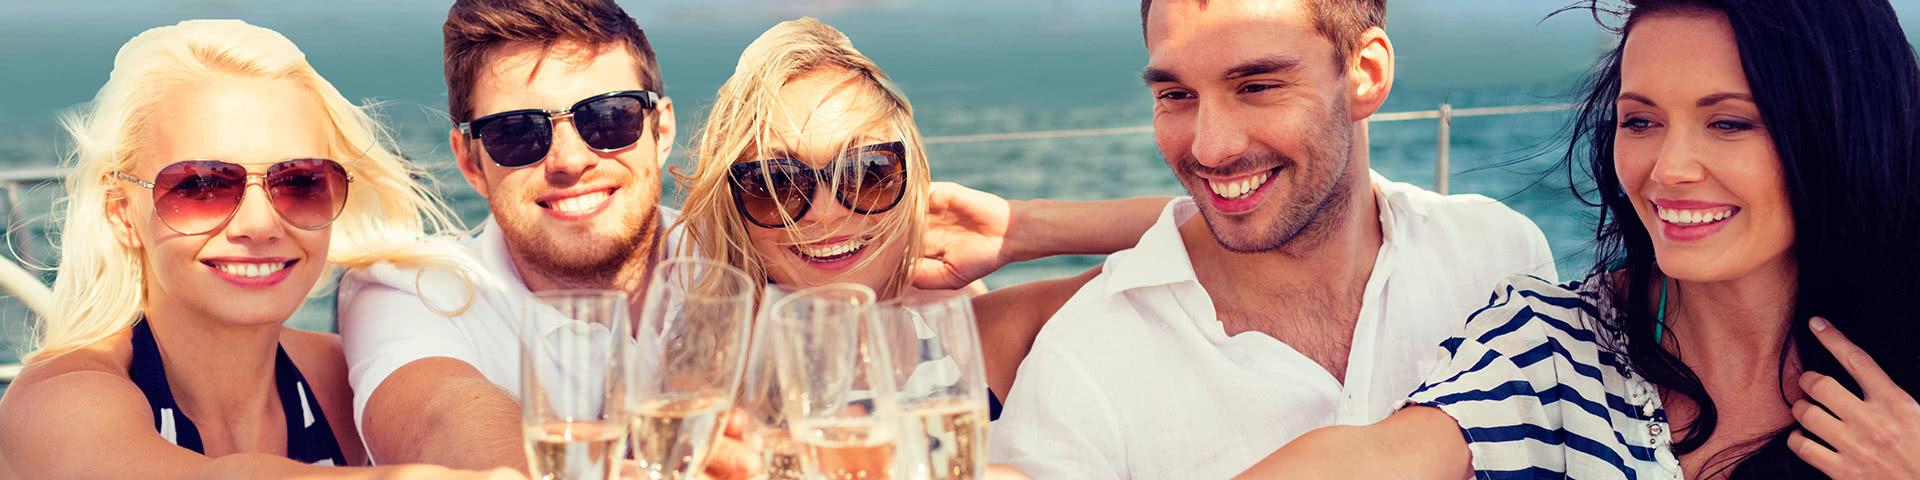 Gut gelaunte Gruppe trinkt gemeinsam Sekt auf dem Deck der MPS Statendam